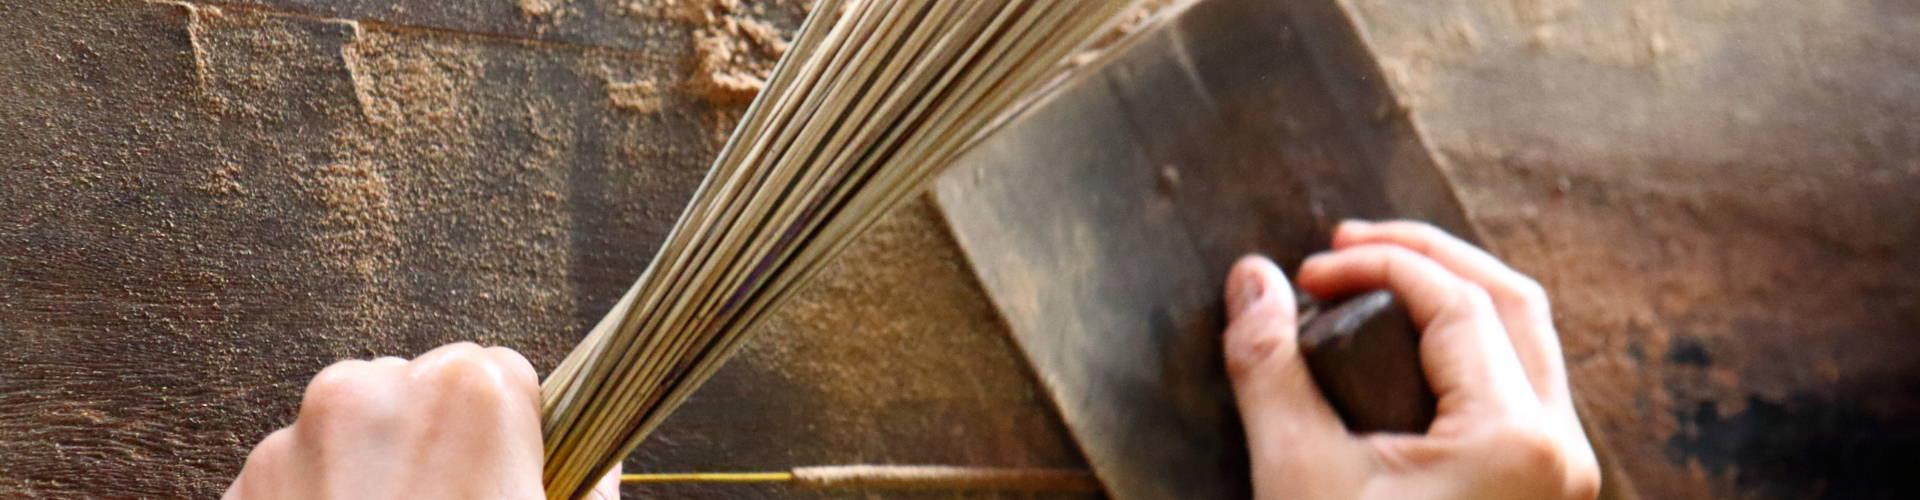 incense sticks making